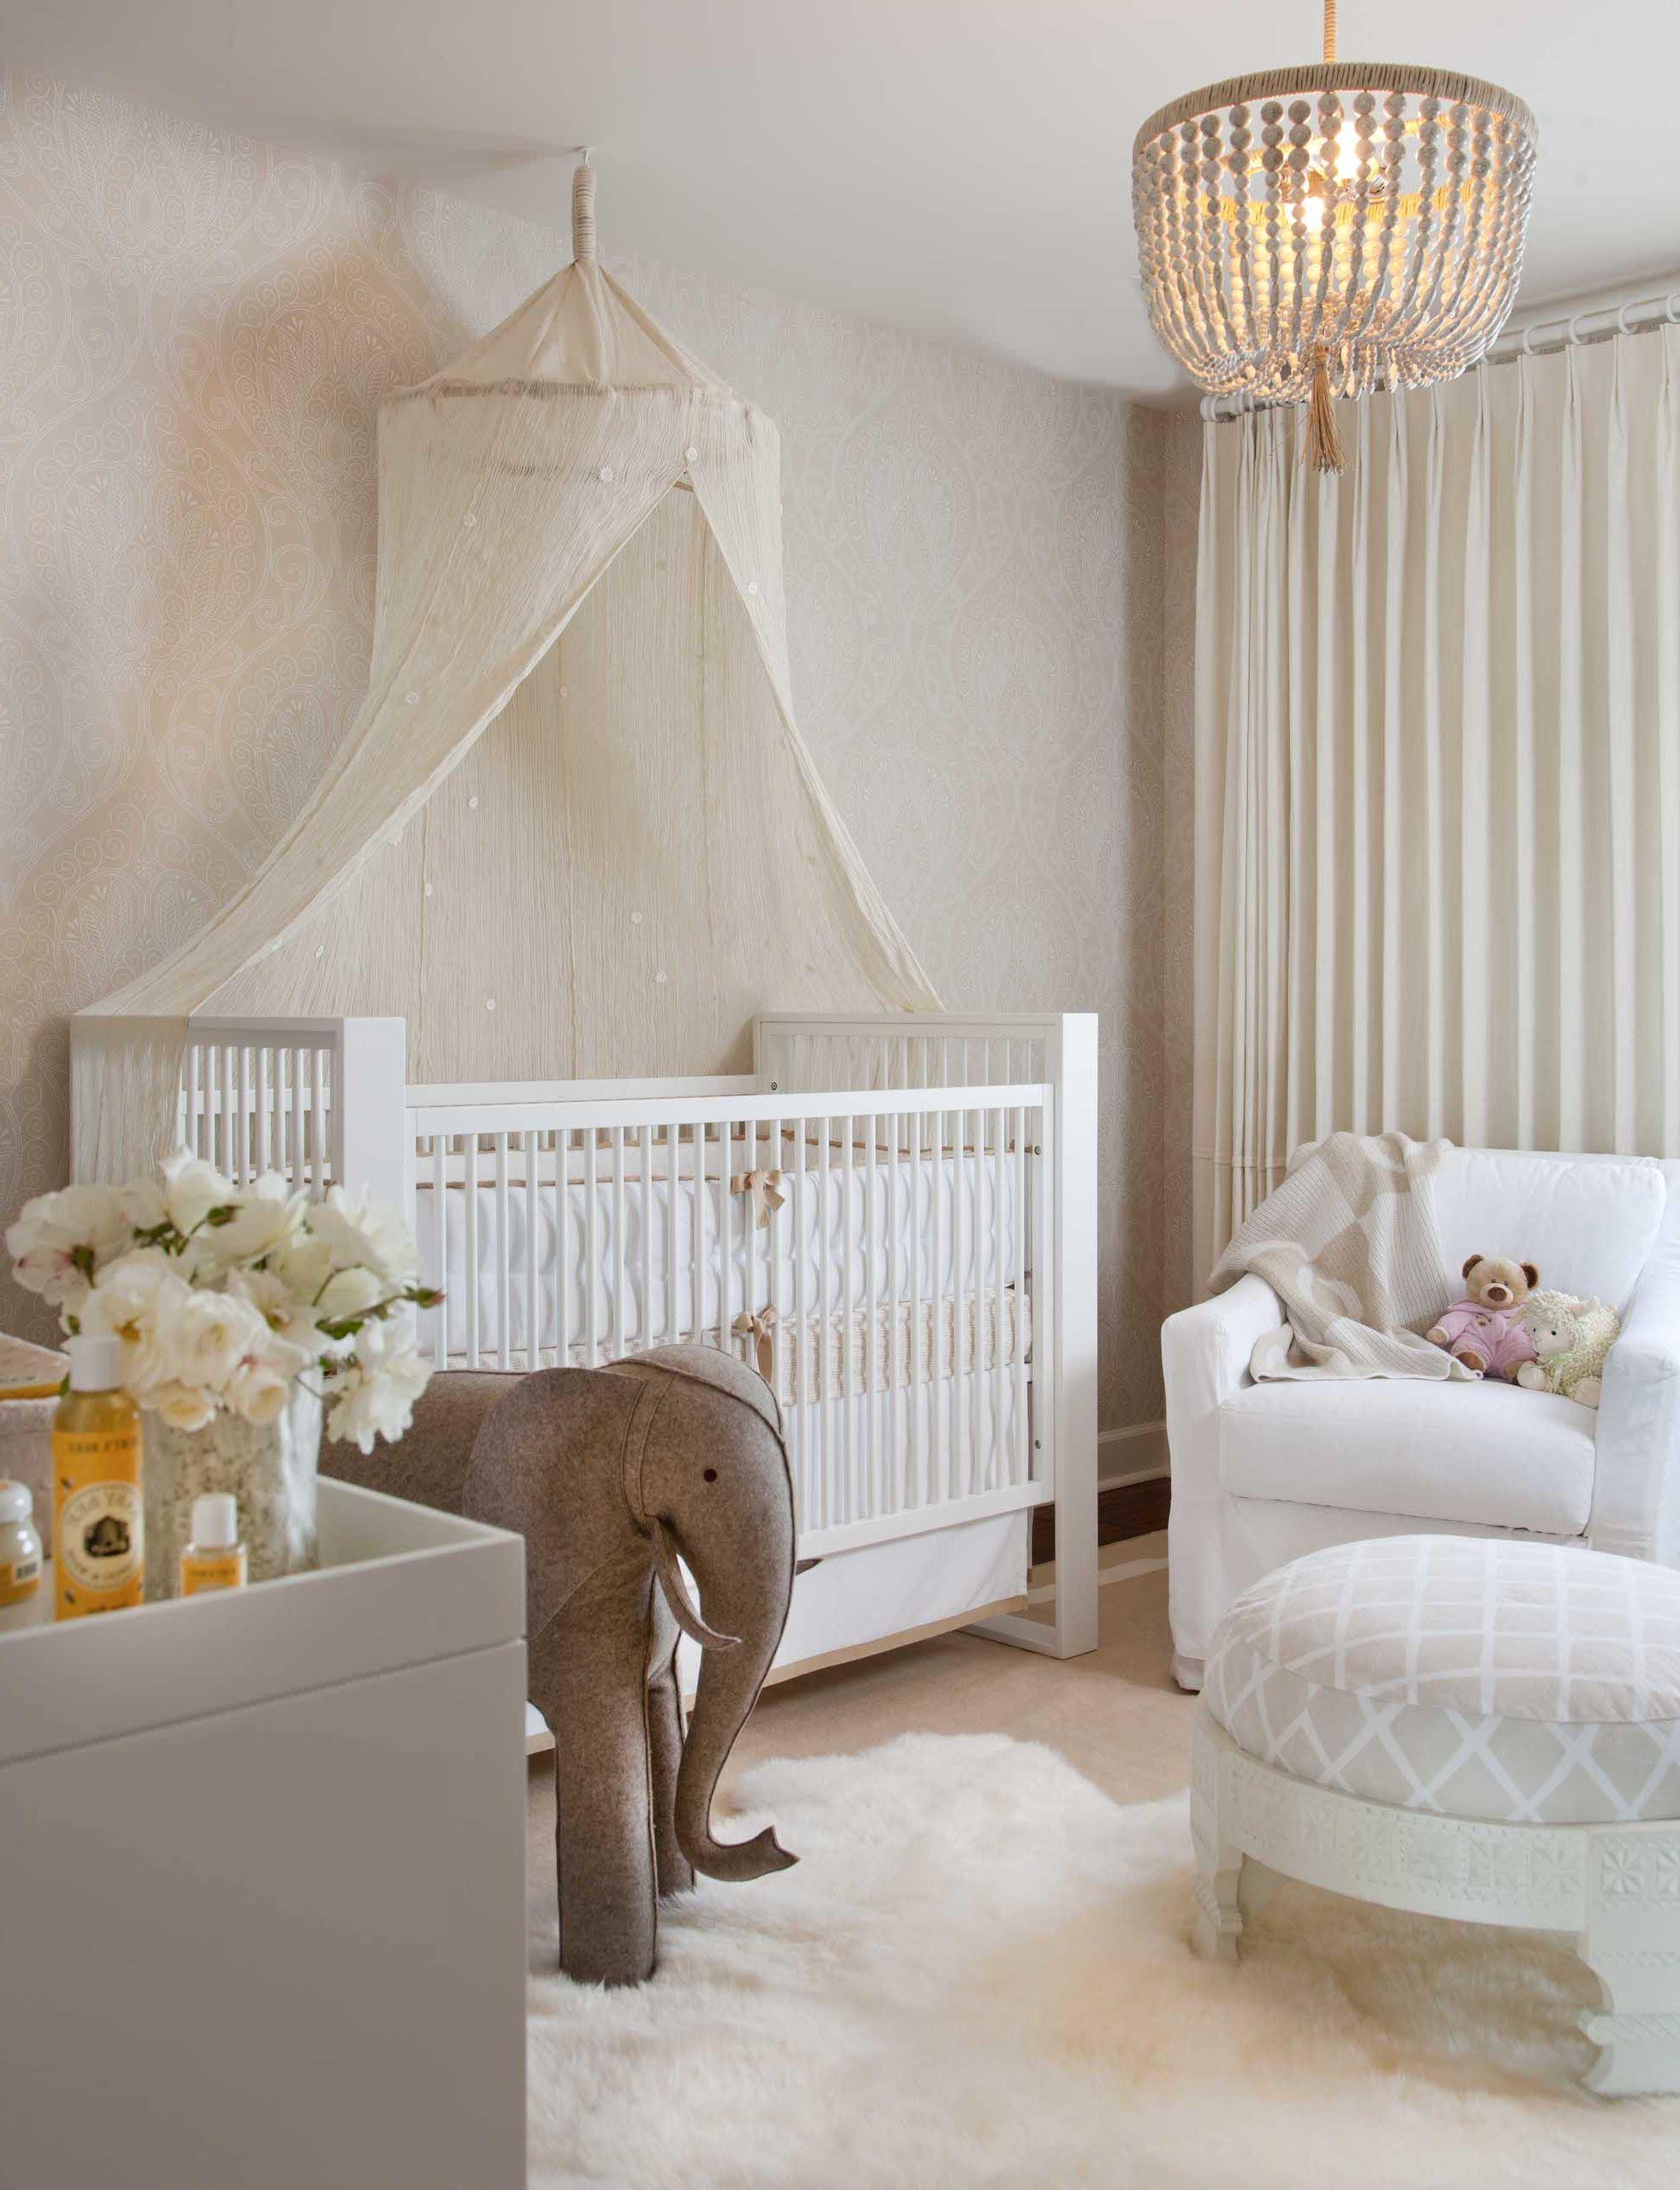 #7 Idee für WandgestaltungSchlafzimmer: Für meine Prinzessin